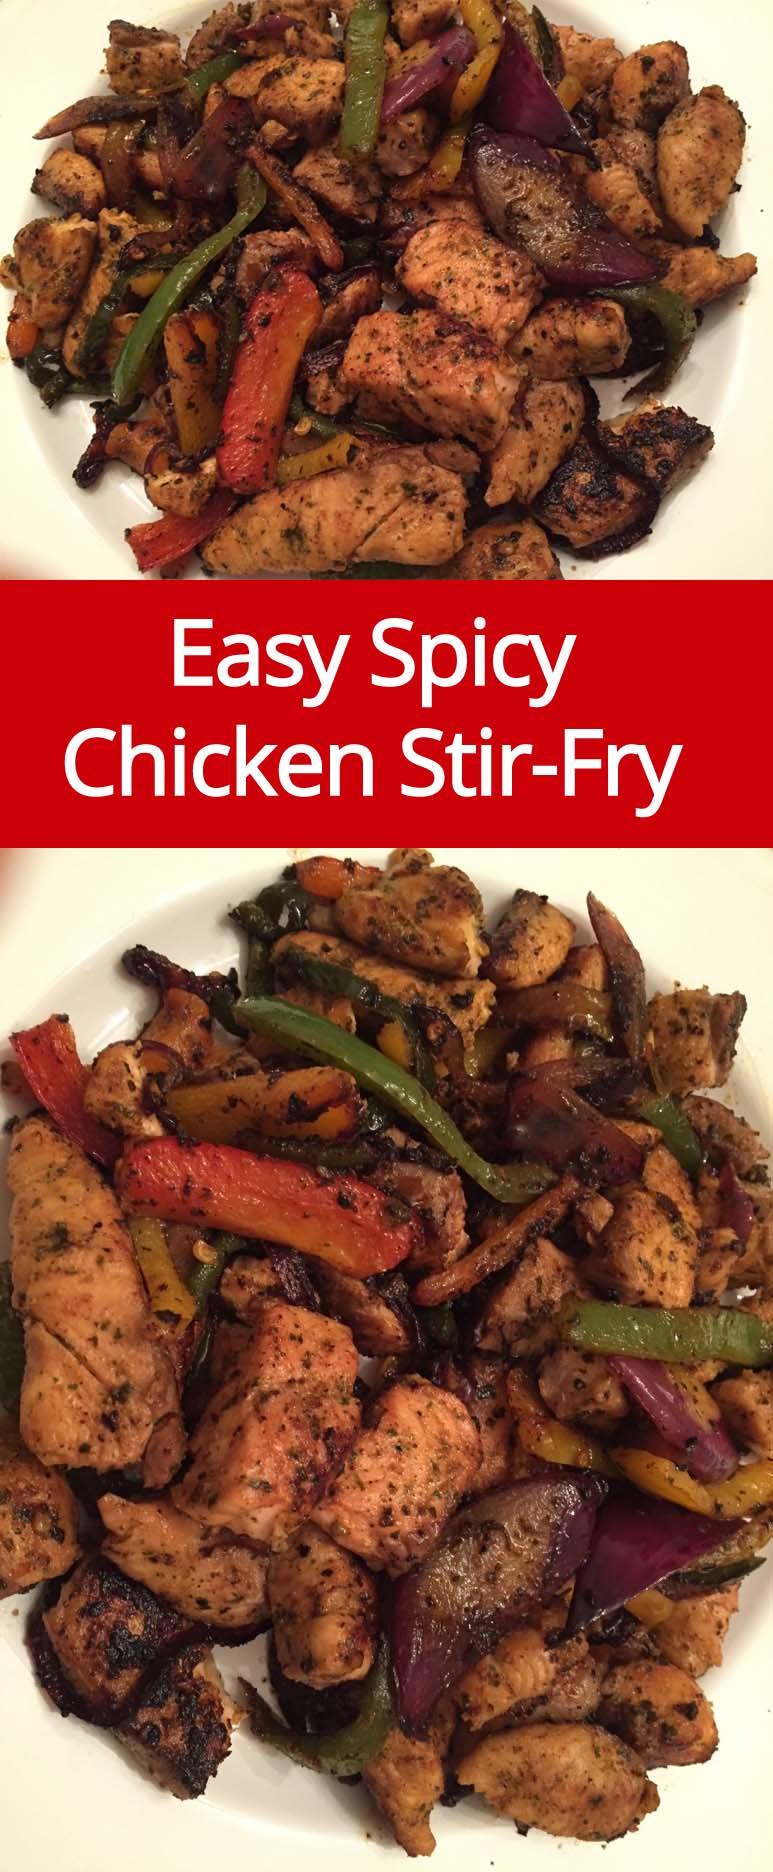 Easy Spicy Chicken Stir-Fry Recipe | MelanieCooks.com